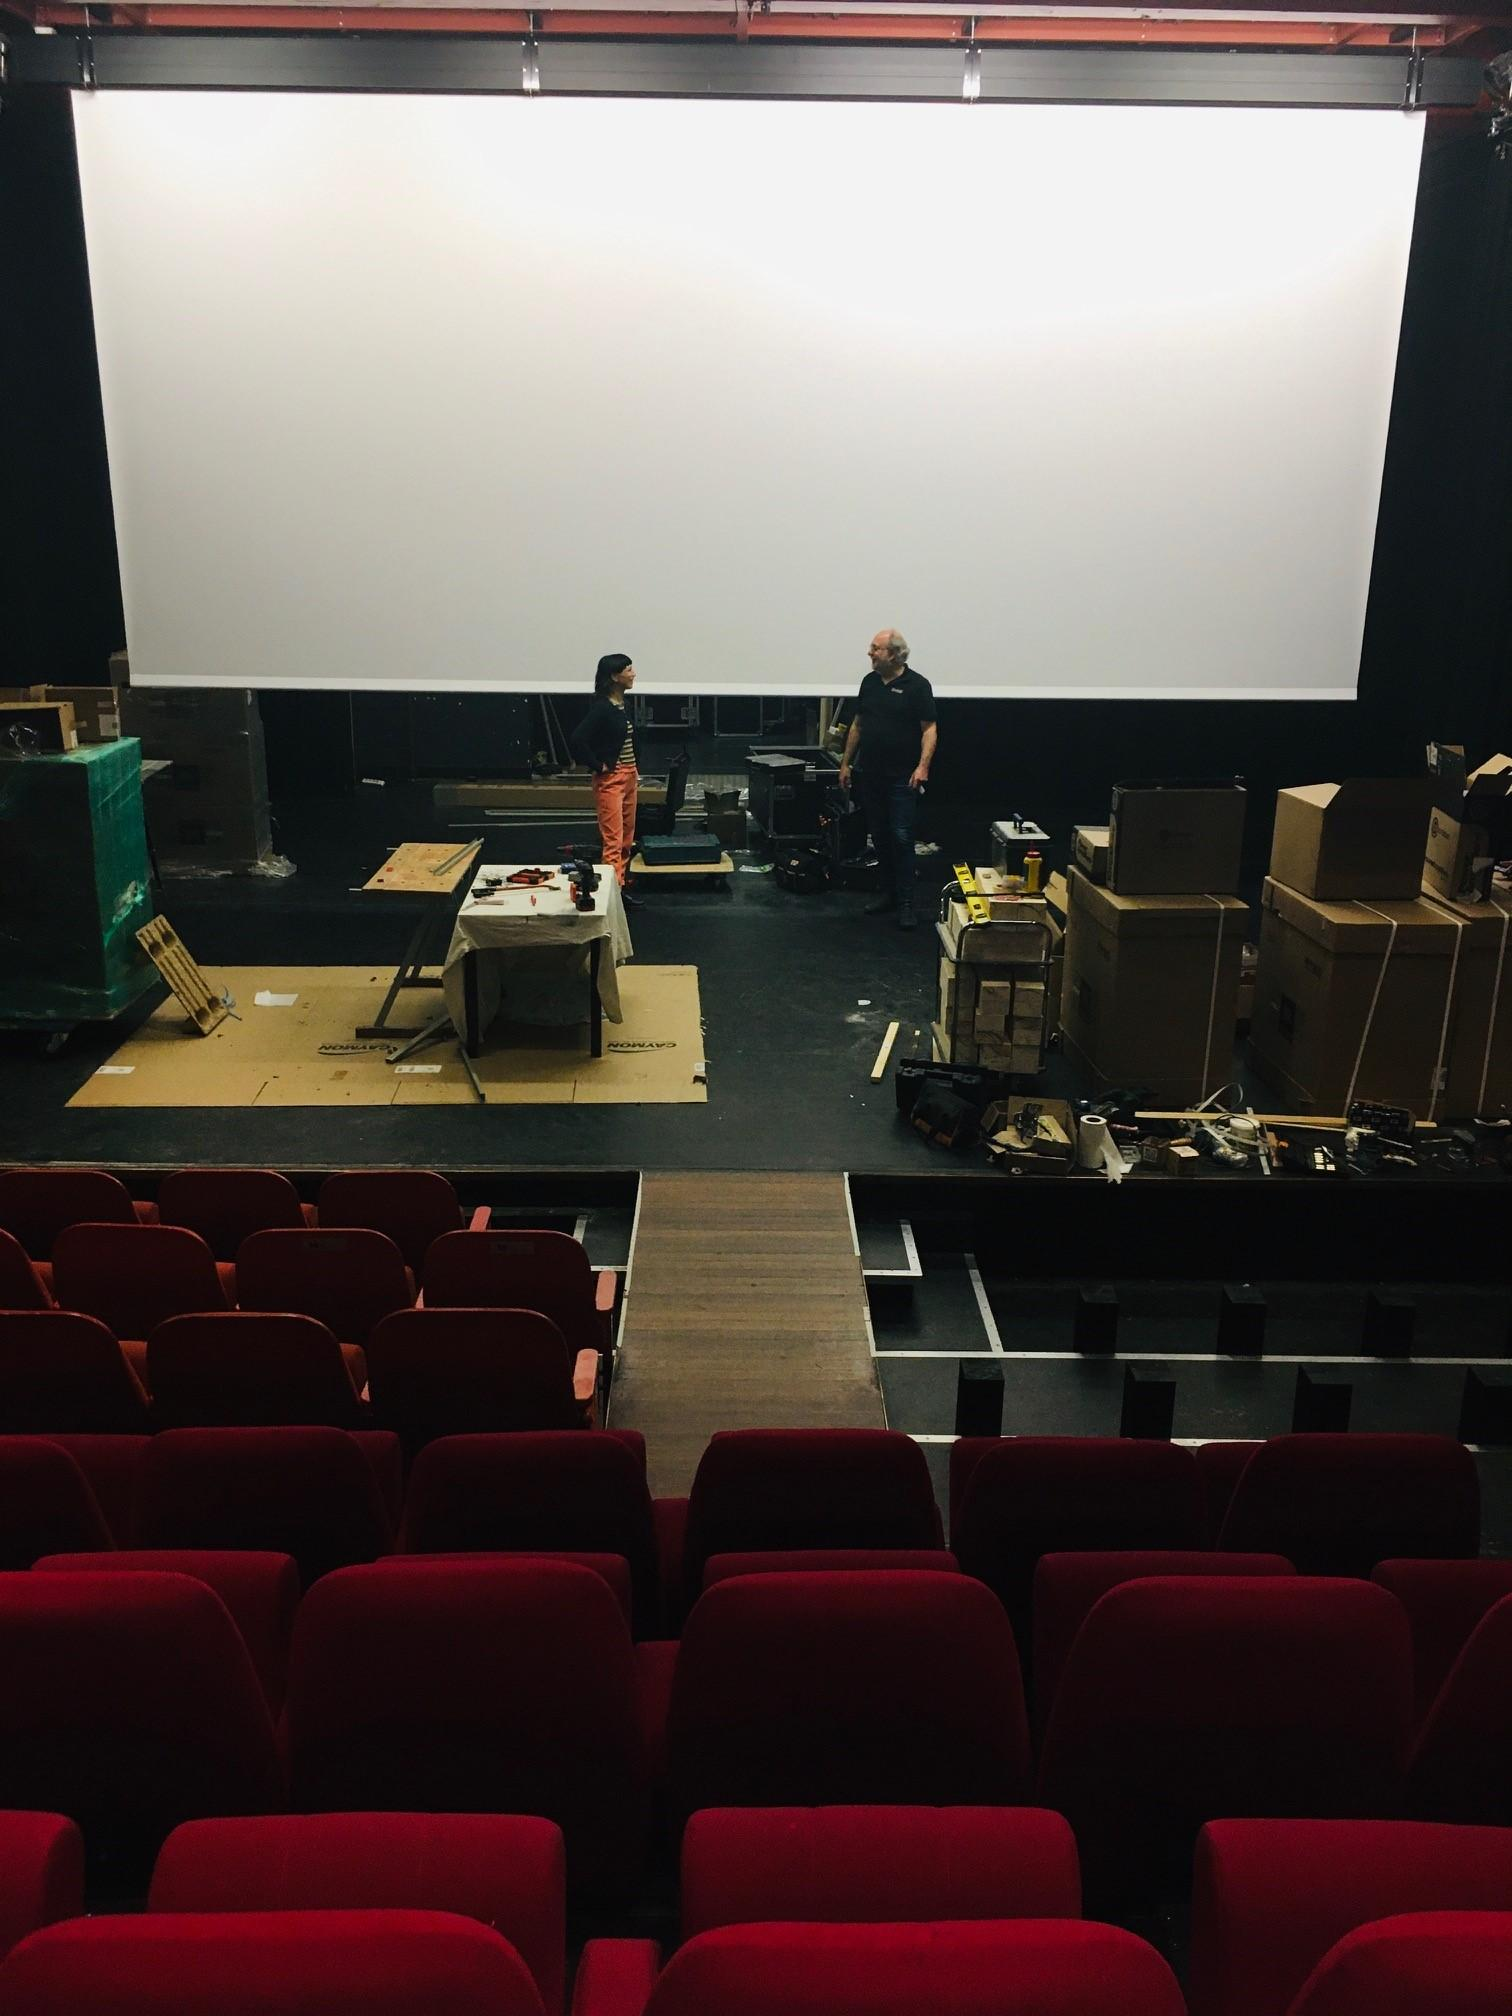 Parkvilla ontvangt 10.000 euro van Fonds Alphen voor filmvertoningen in theaterzaal